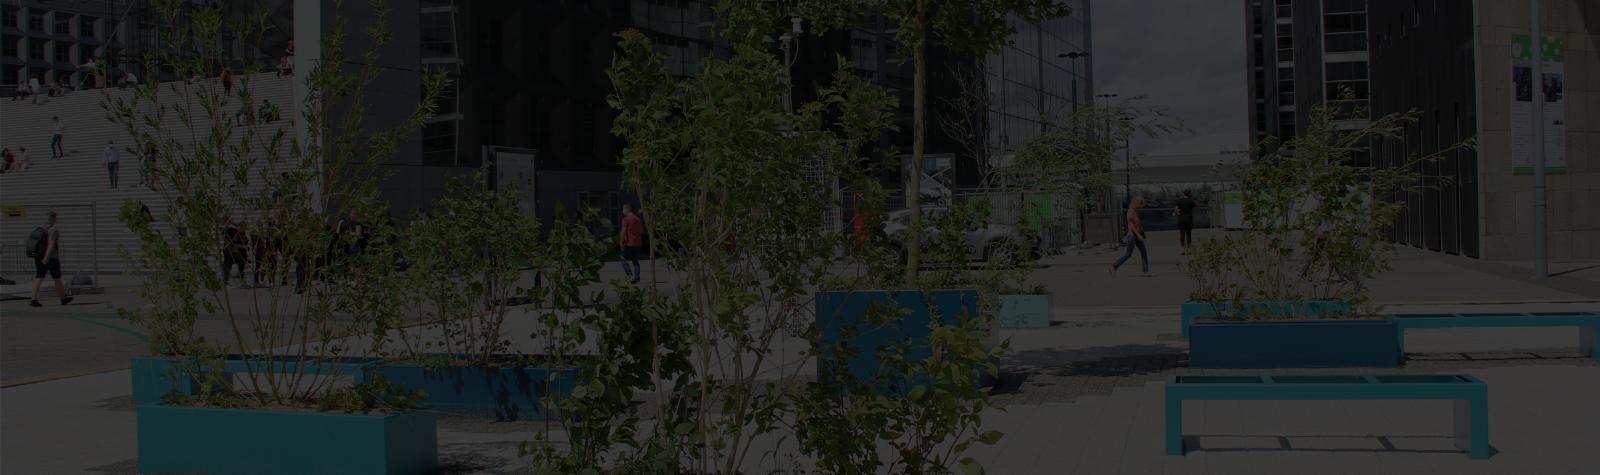 Paris La Défense expérimente deux « Oasis de fraîcheur » sur son territoire pendant la période estivale